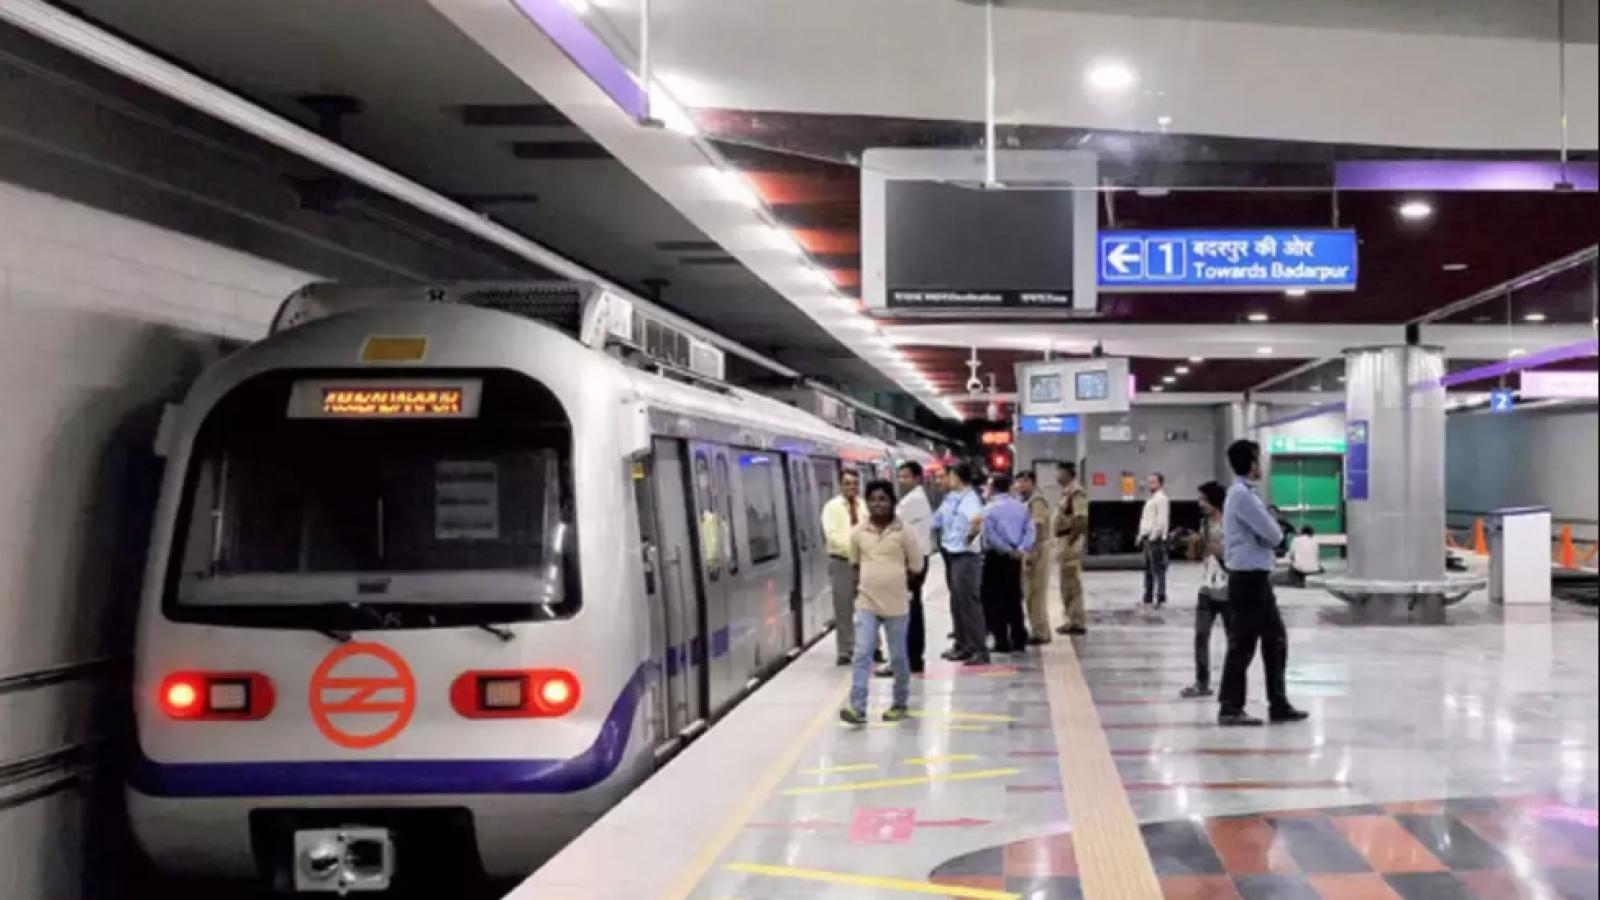 Ấn Độ chính thức khai trương tuyến tàu điện ngầm không người lái đầu tiên